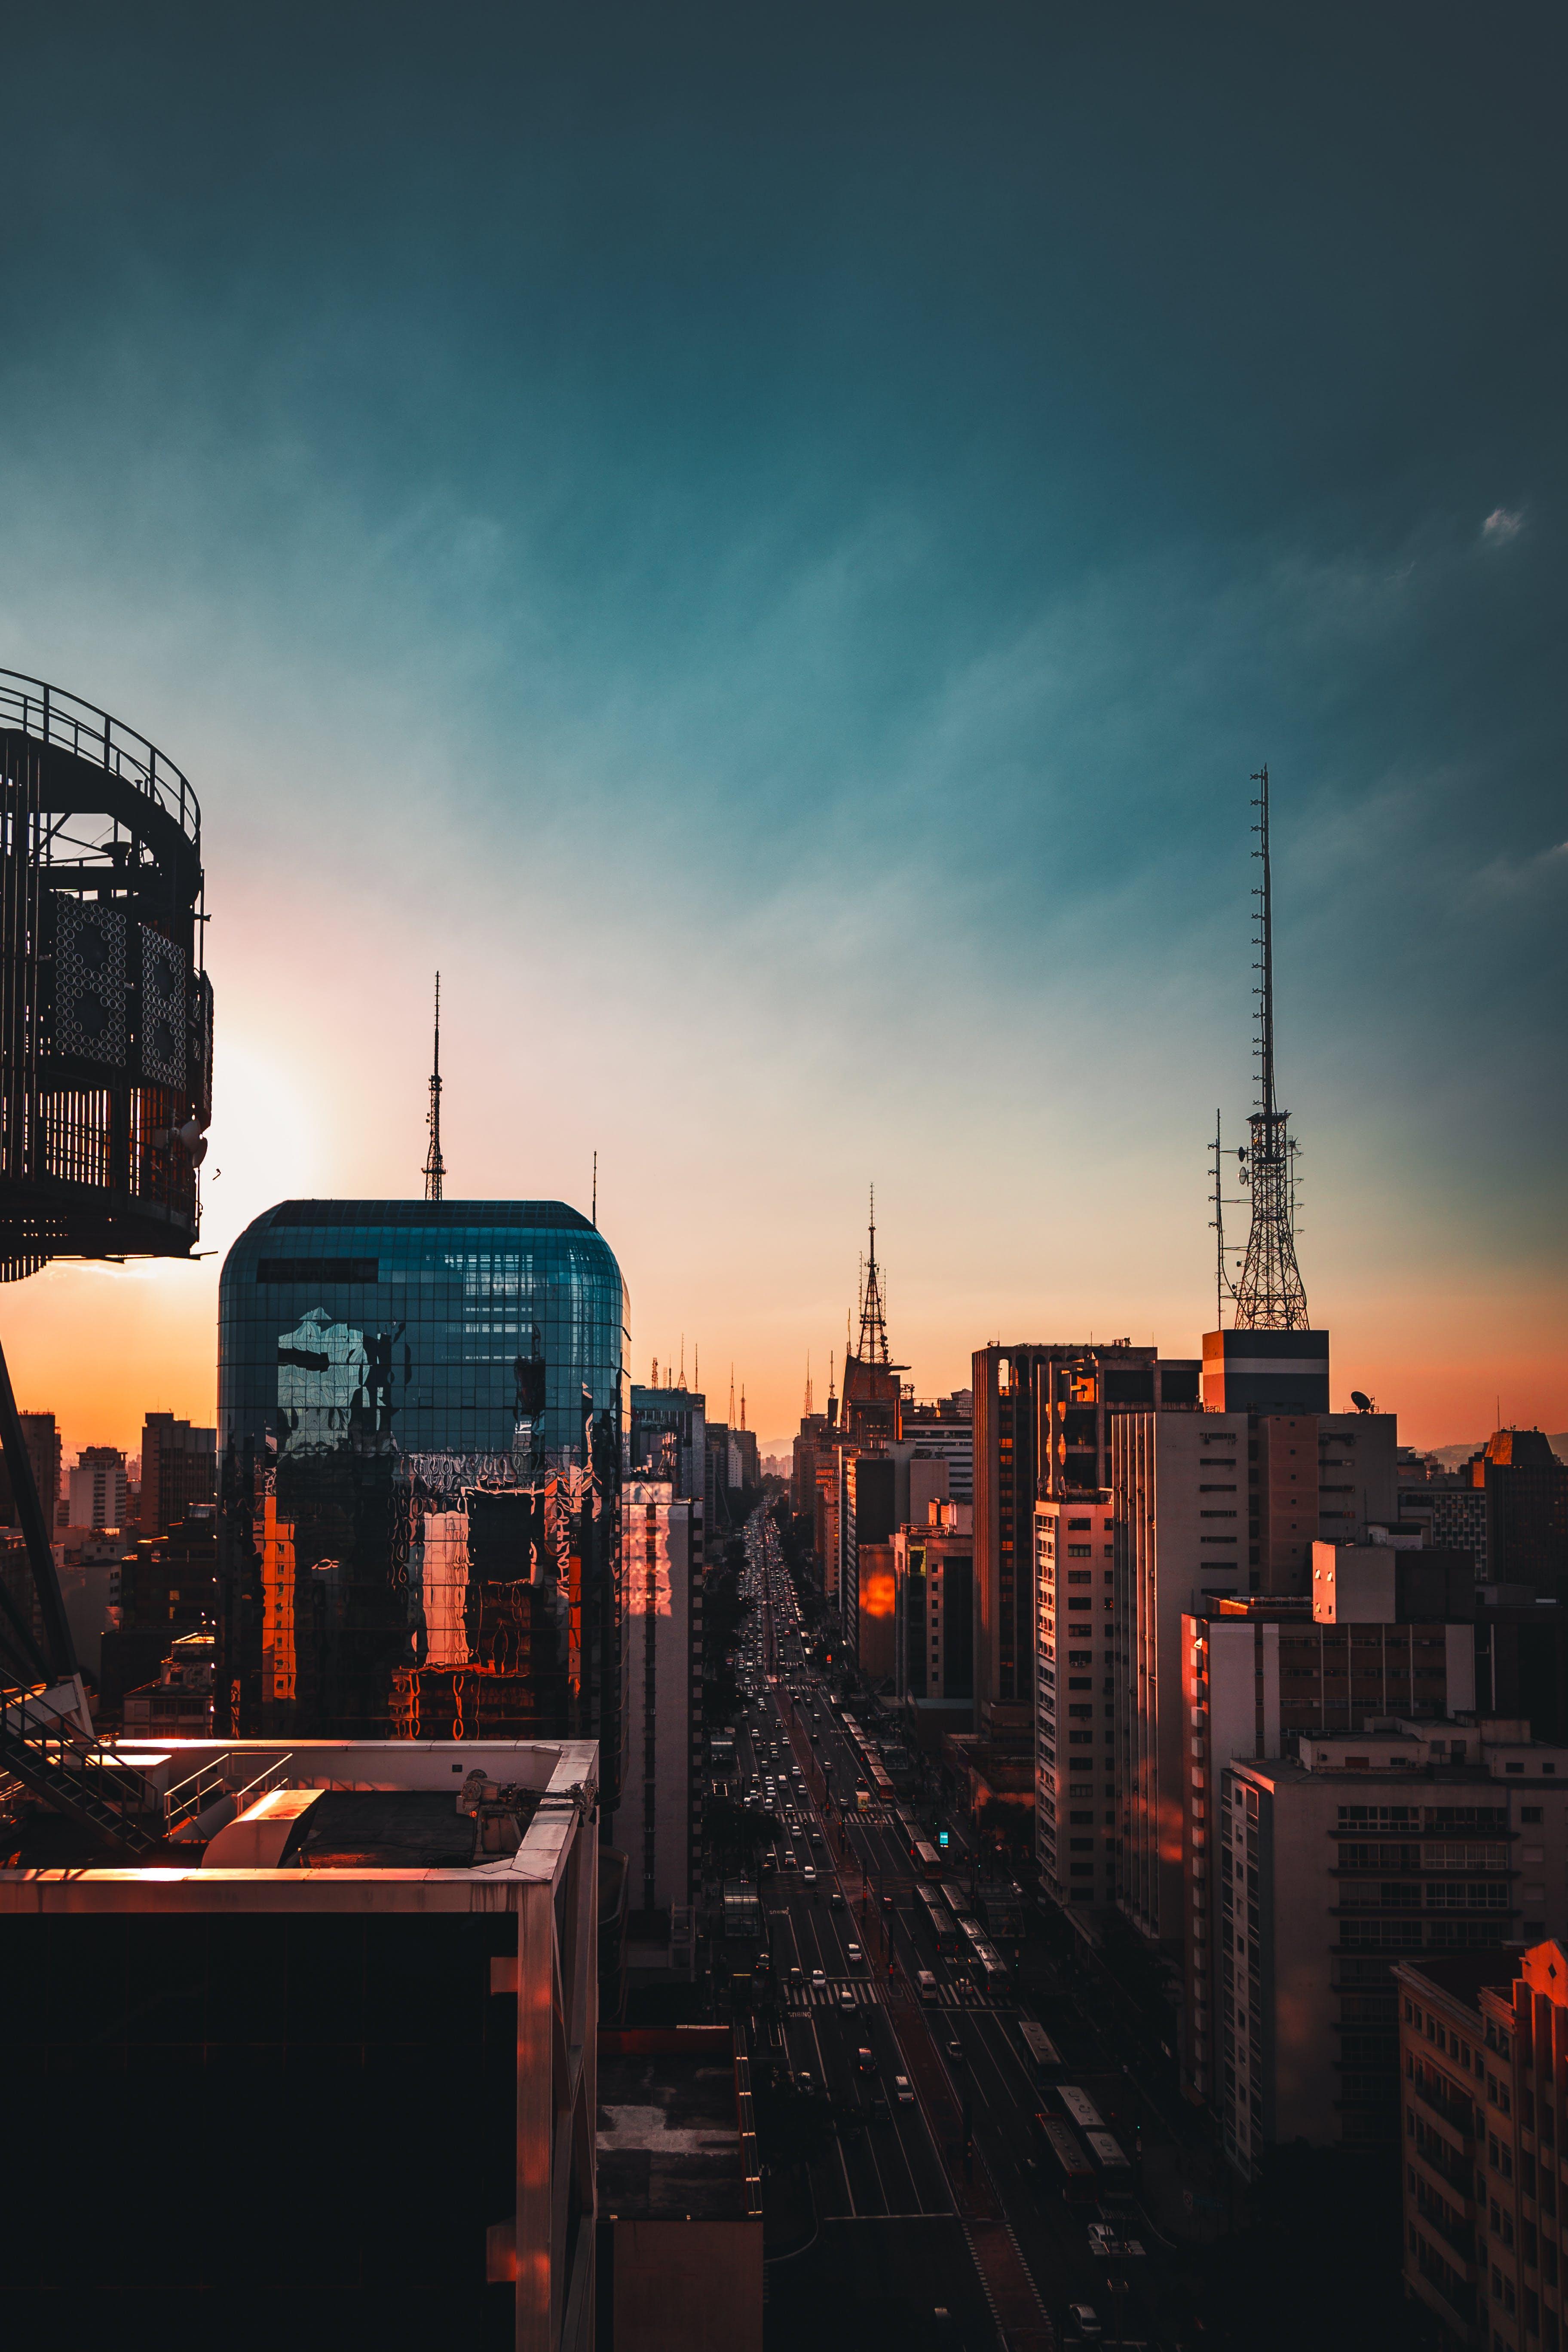 Kostenloses Stock Foto zu abendrot, architektur, beleuchtet, blauer himmel